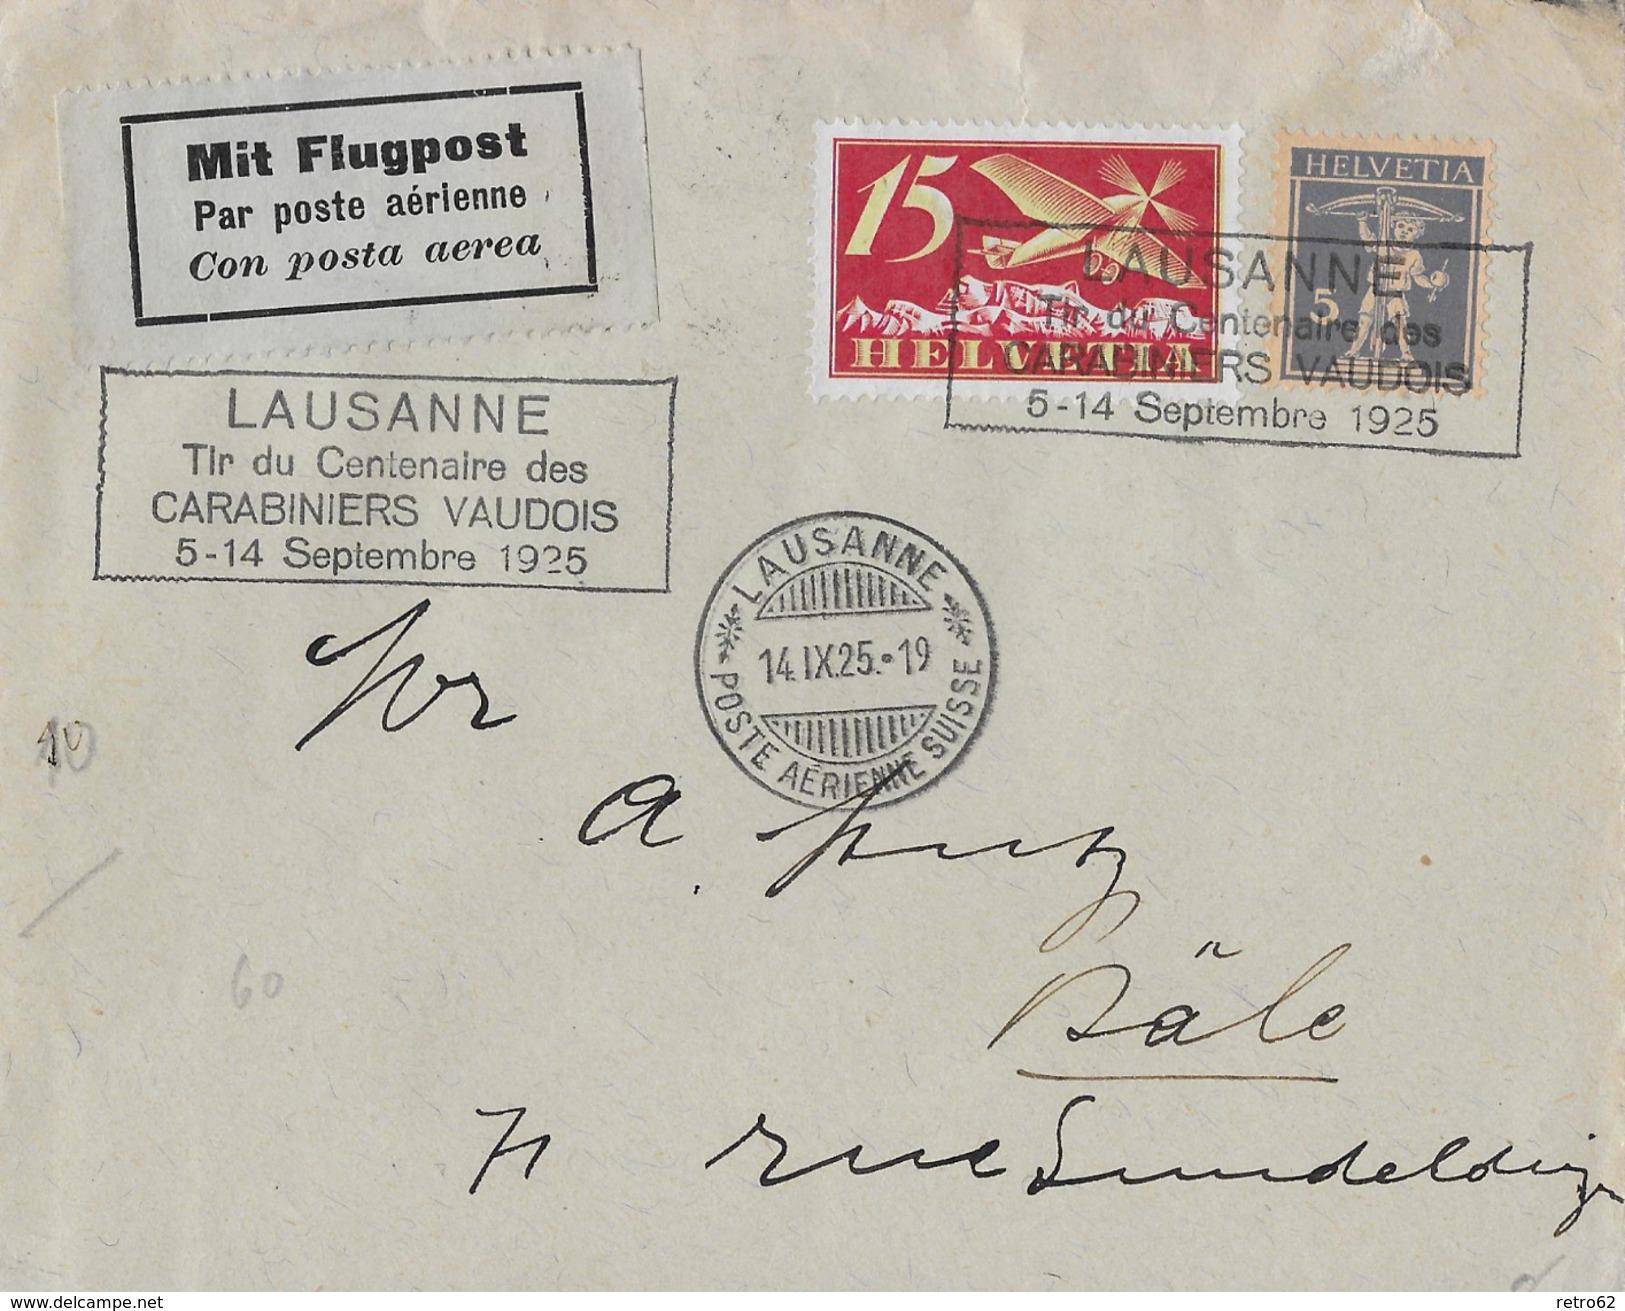 1925 LAUSANNE (Tir Du Centenaire Des CARABINIERS VAUDOIS)  ►SBK-F3,157◄ - Poste Aérienne